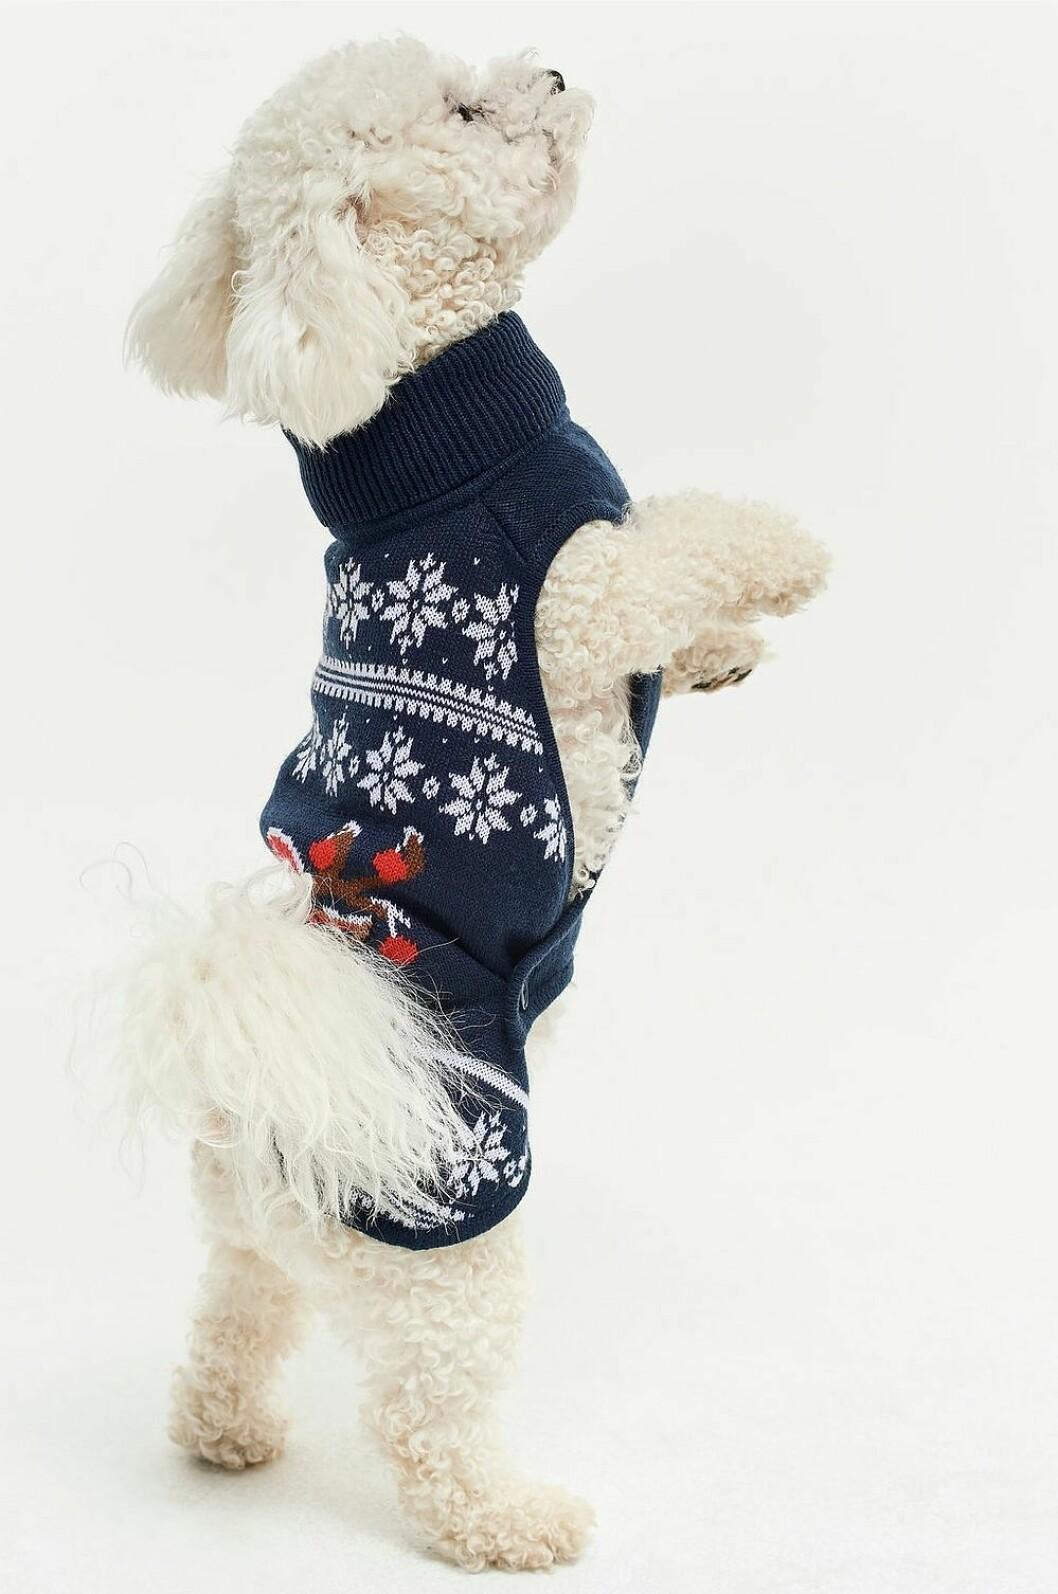 Blå jultröja till hunden inför julen 2019